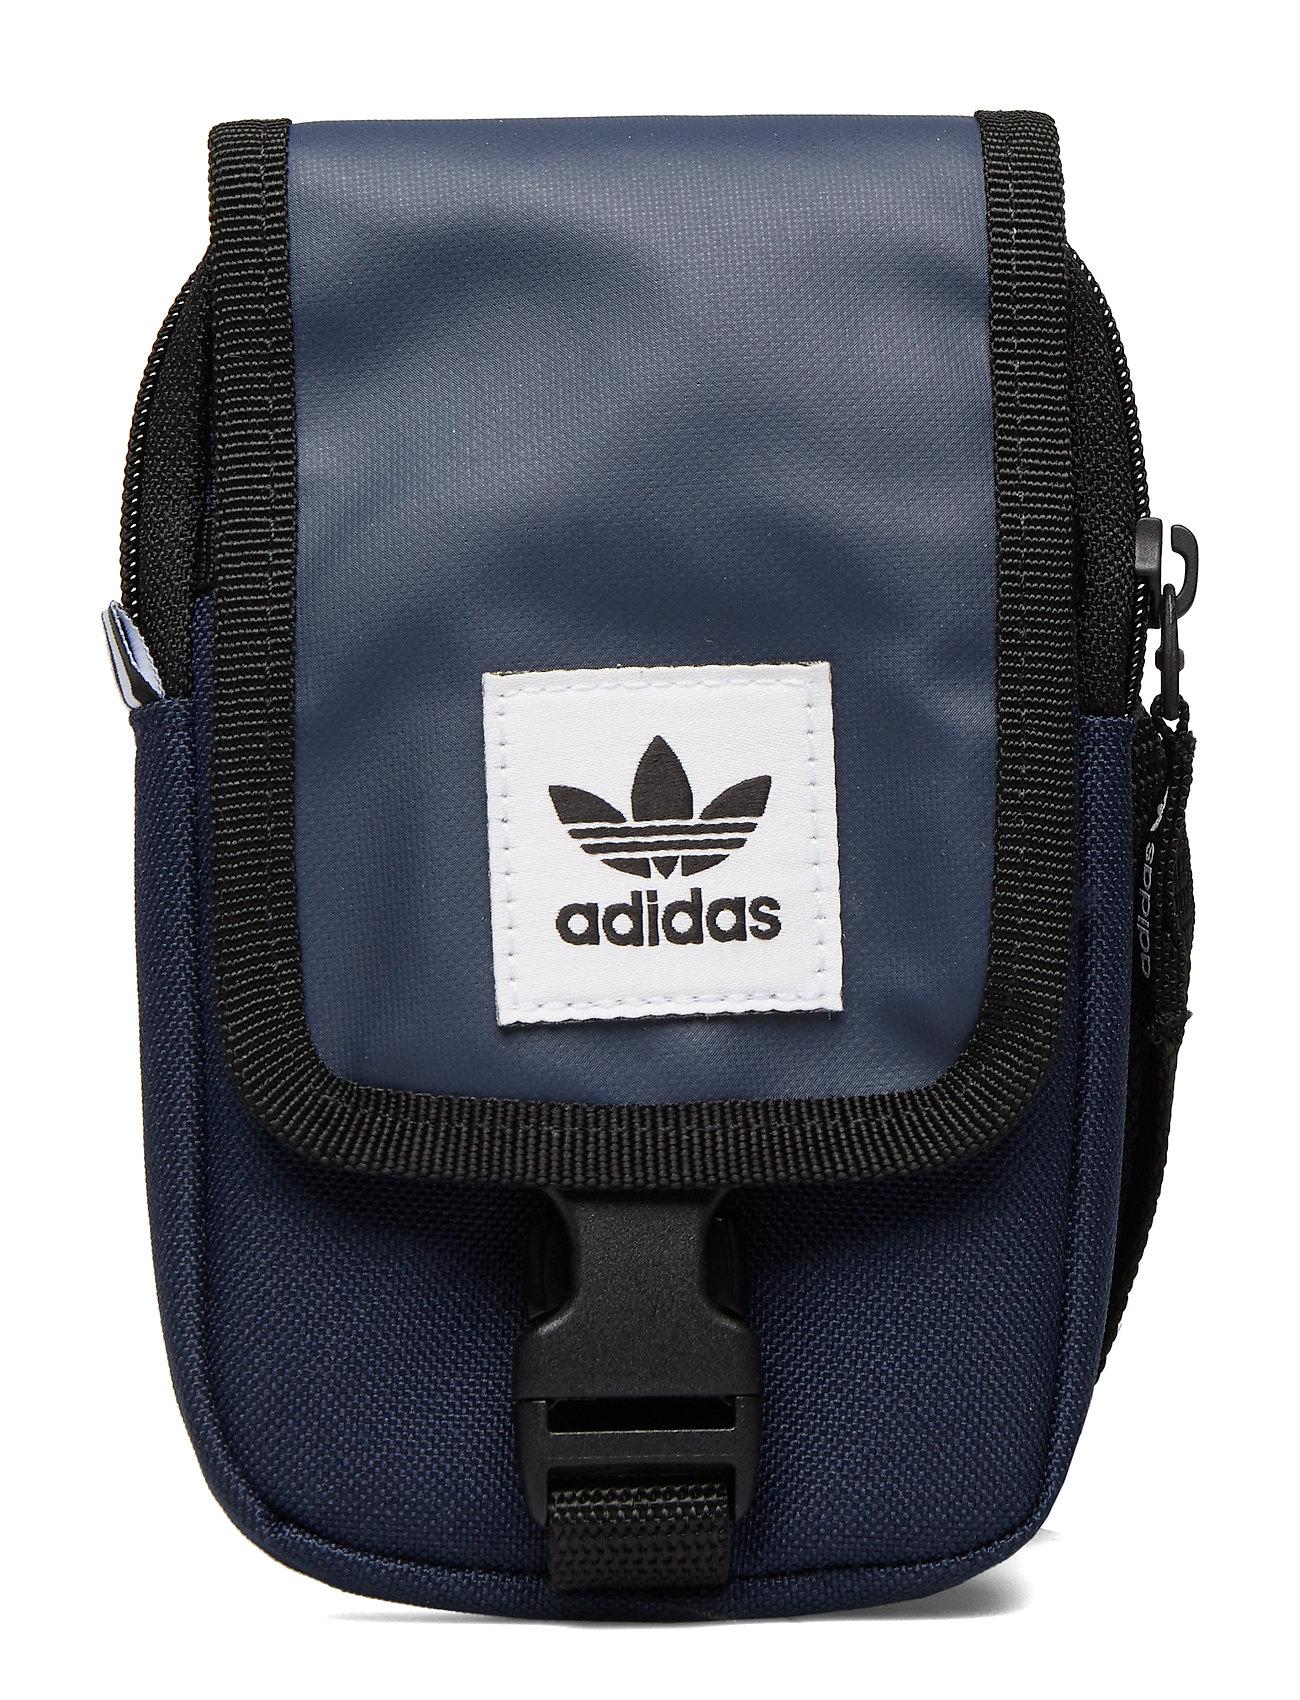 1f26d2e9916 CONAVY Adidas Map Bag skuldertasker for herre - Pashion.dk